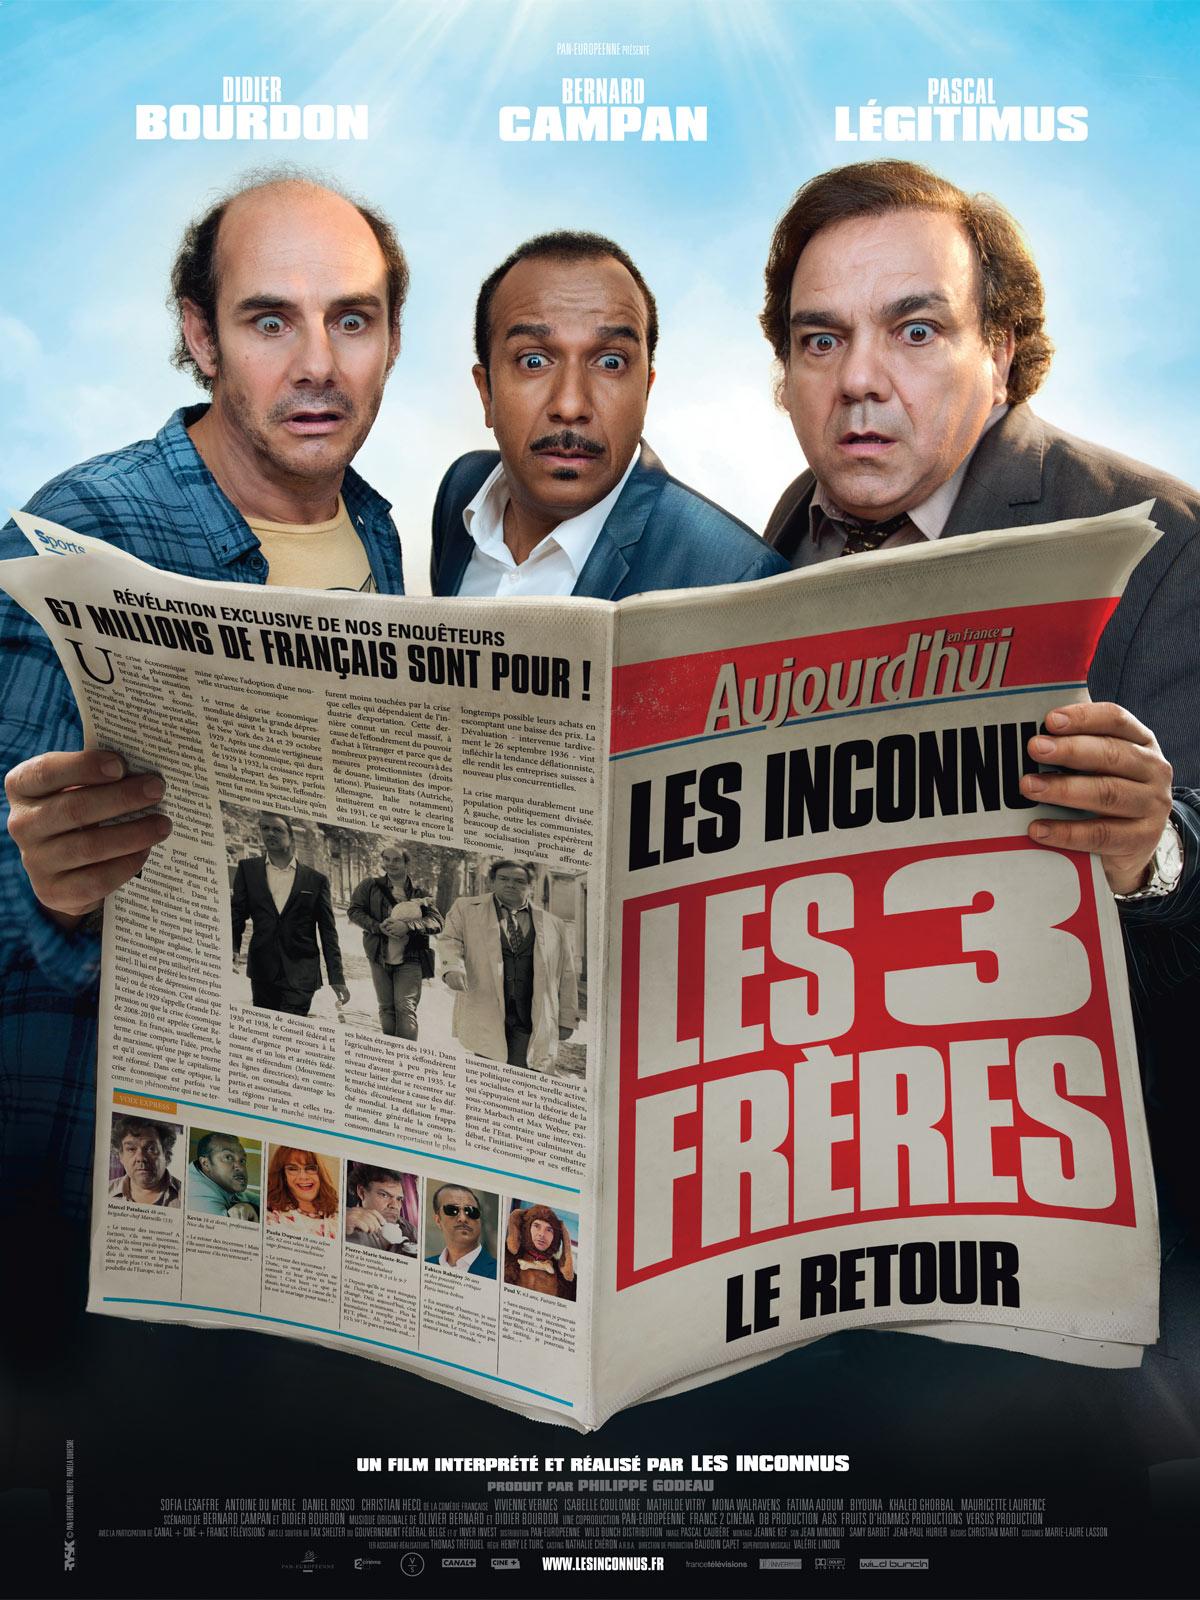 Les Trois frères, le retour DVDrip uptobox